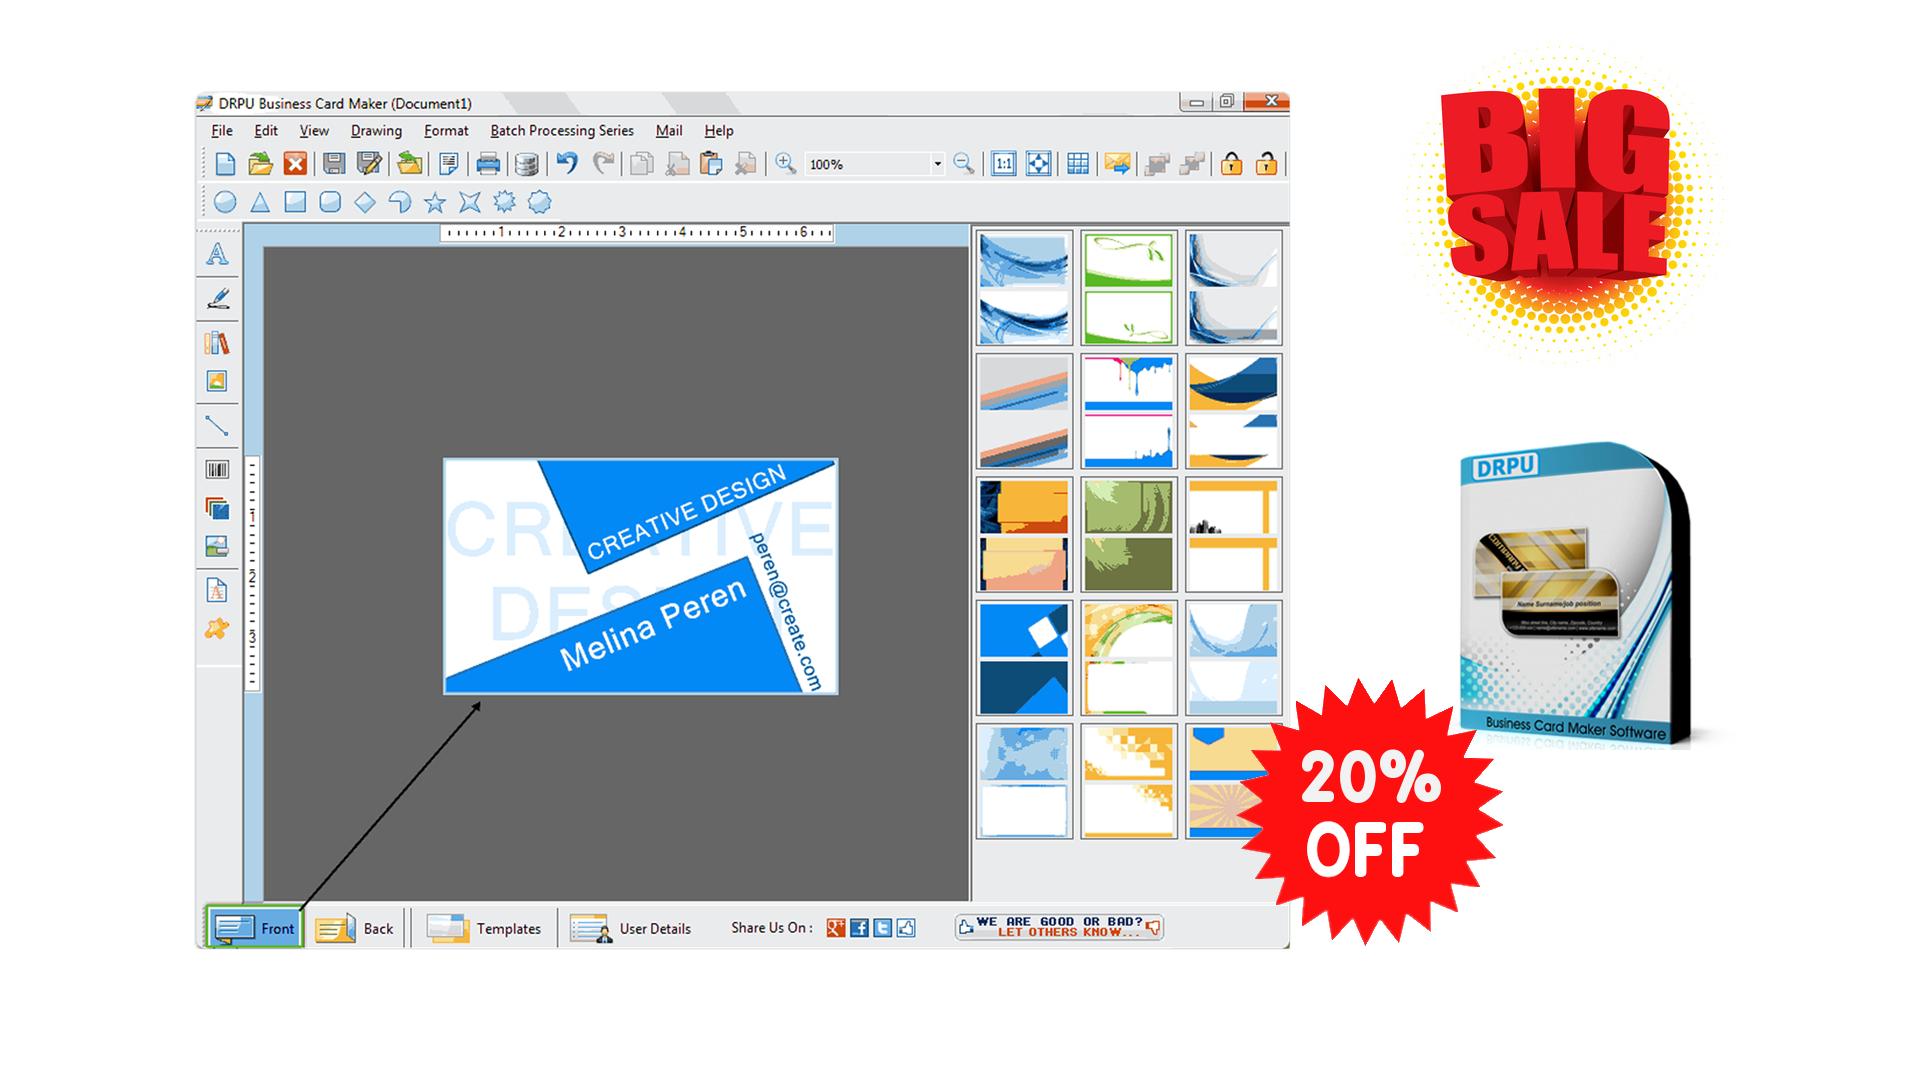 Hot Discount 20 Off Drpu Business Card Maker Software Http Tickcoupon Com Stores Drpu Software Coupon Codes Pag Business Card Maker Business Cards Software